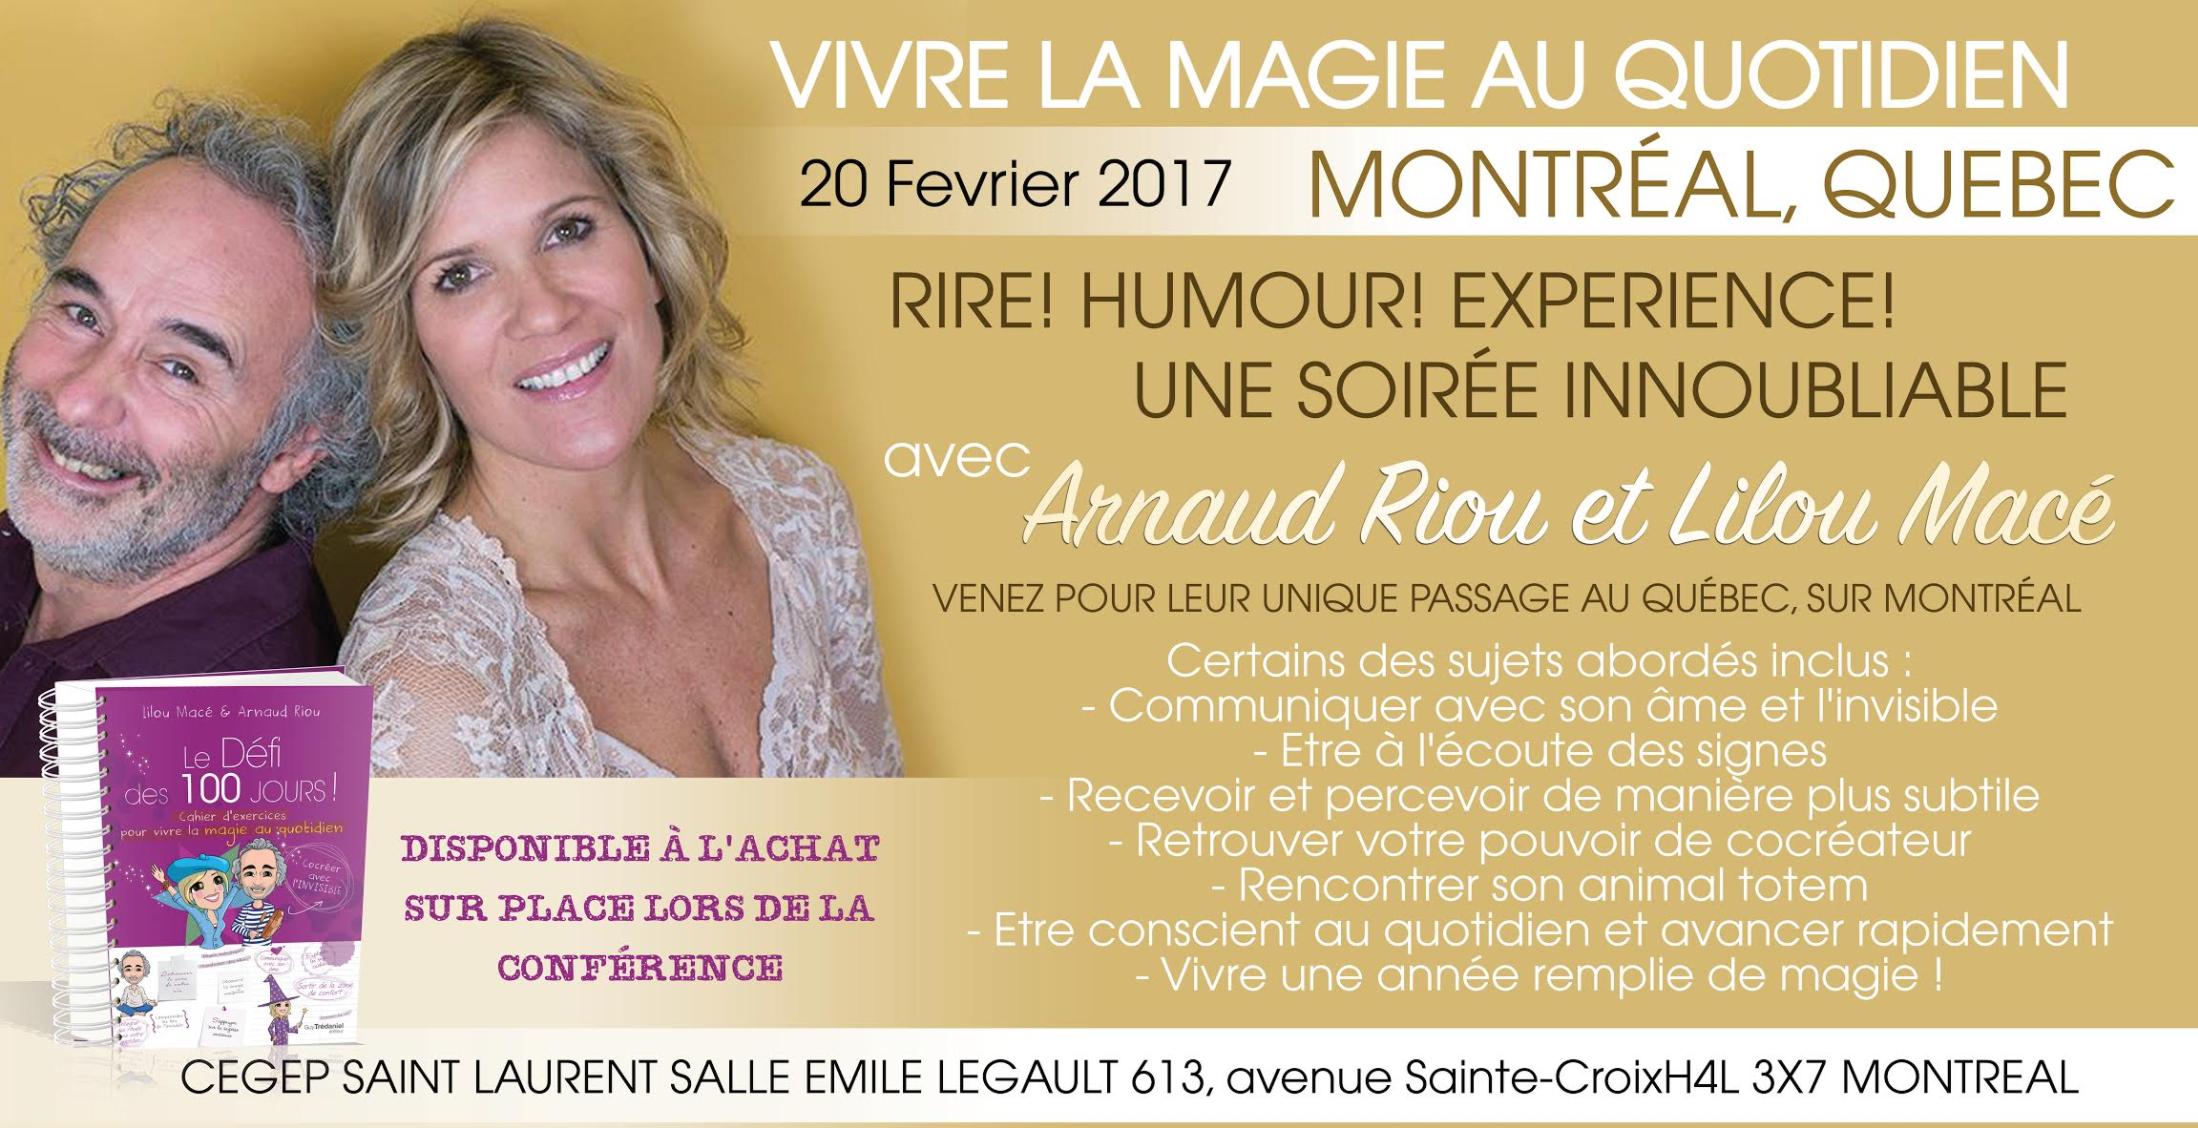 """MONTRÉAL - 20 FÉVRIER 2017 - CONFÉRENCE """"COMMENT VIVRE LA MAGIE AU QUOTIDIEN"""""""